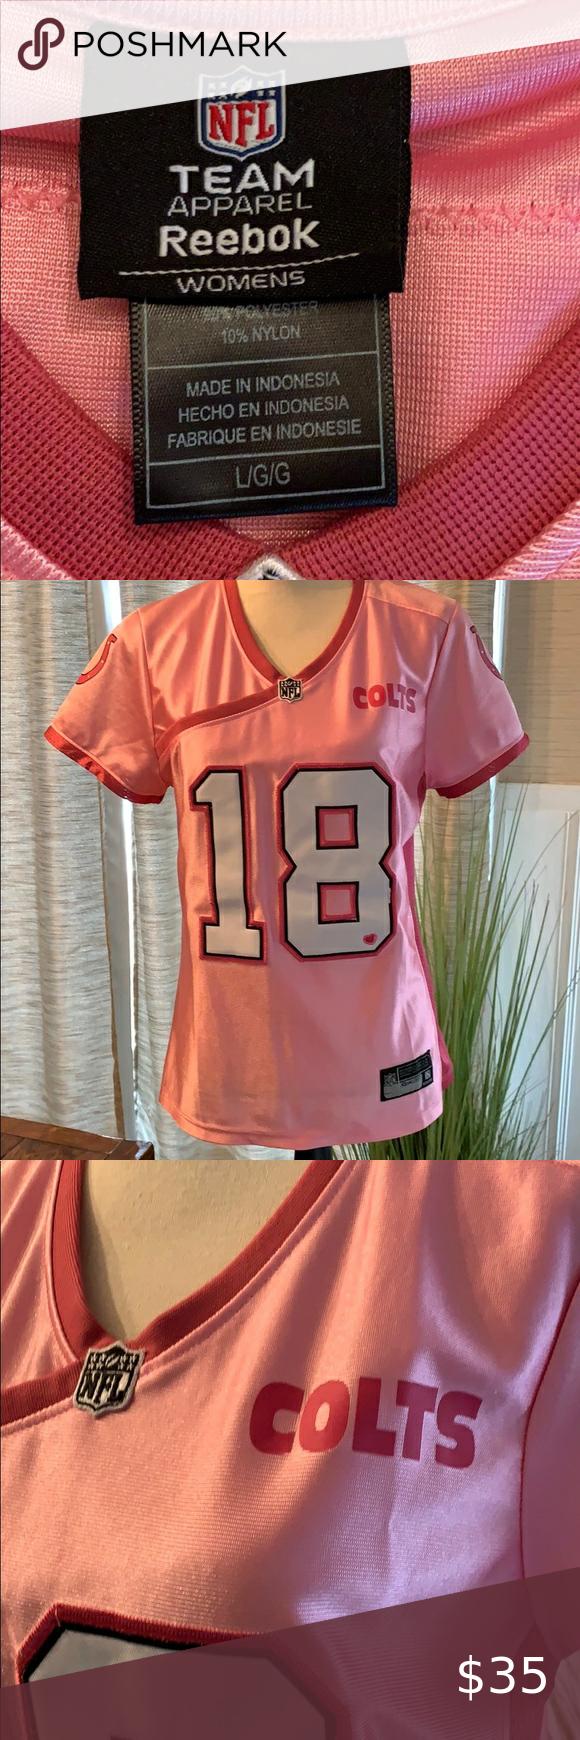 pink peyton manning jersey